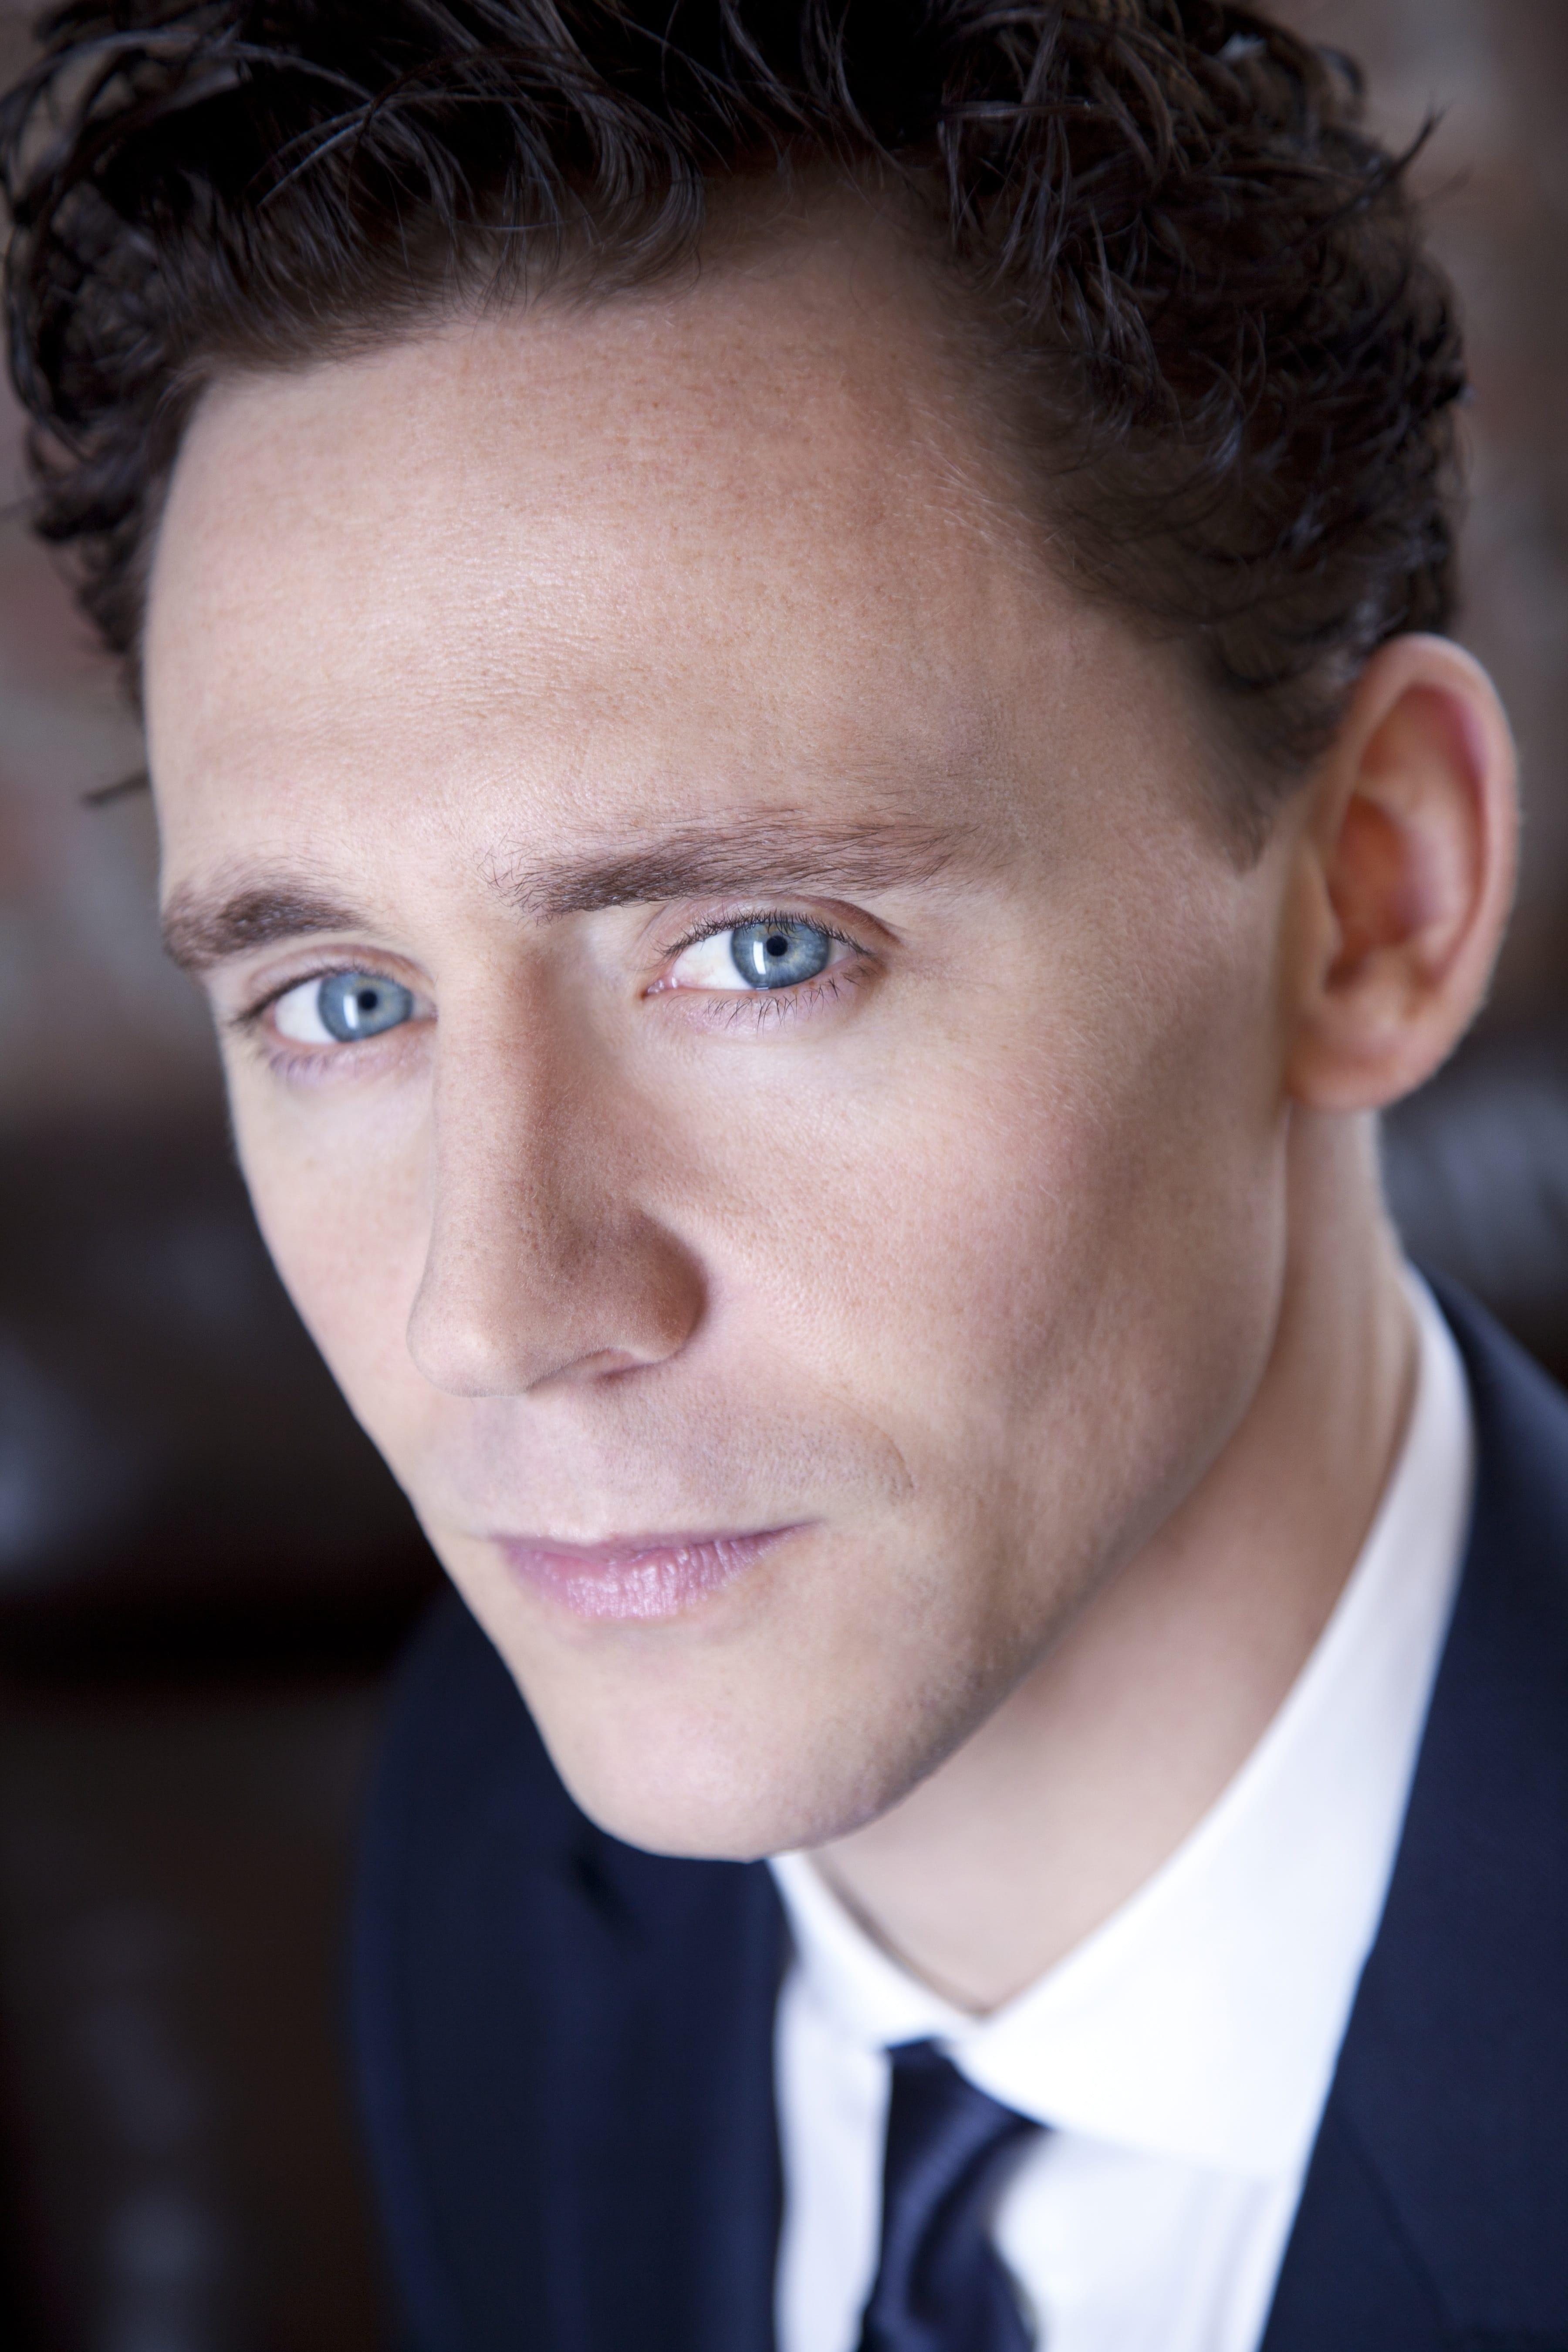 Tom Hiddleston For mobile